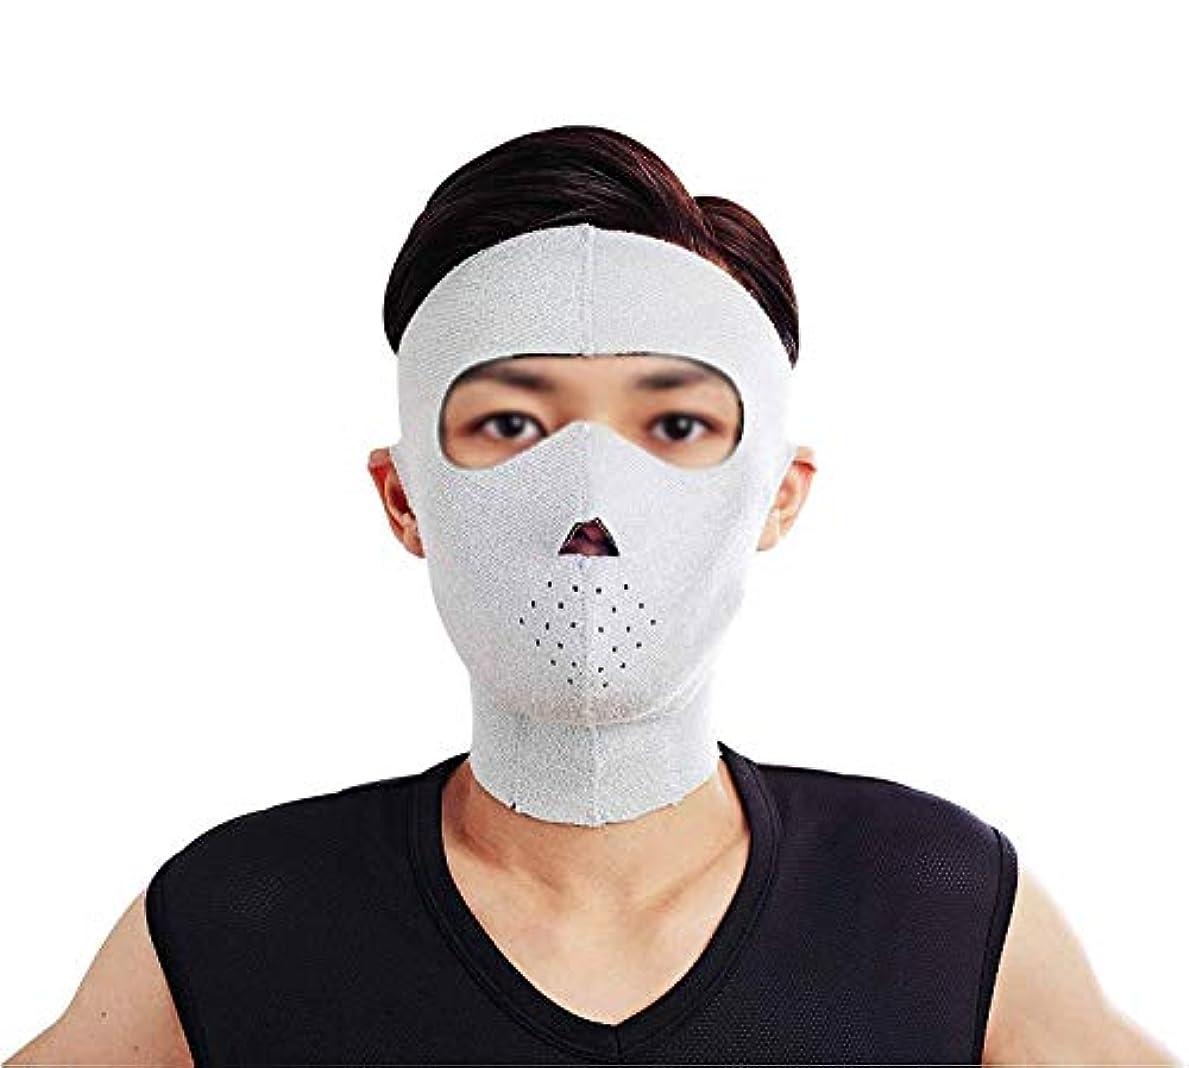 大西洋お客様ピービッシュフェイスリフトマスク、フェイシャルマスクプラス薄いフェイスマスクタイトなたるみの薄いフェイスマスクフェイシャル薄いフェイスマスクアーティファクトビューティー男性ネックストラップ付き